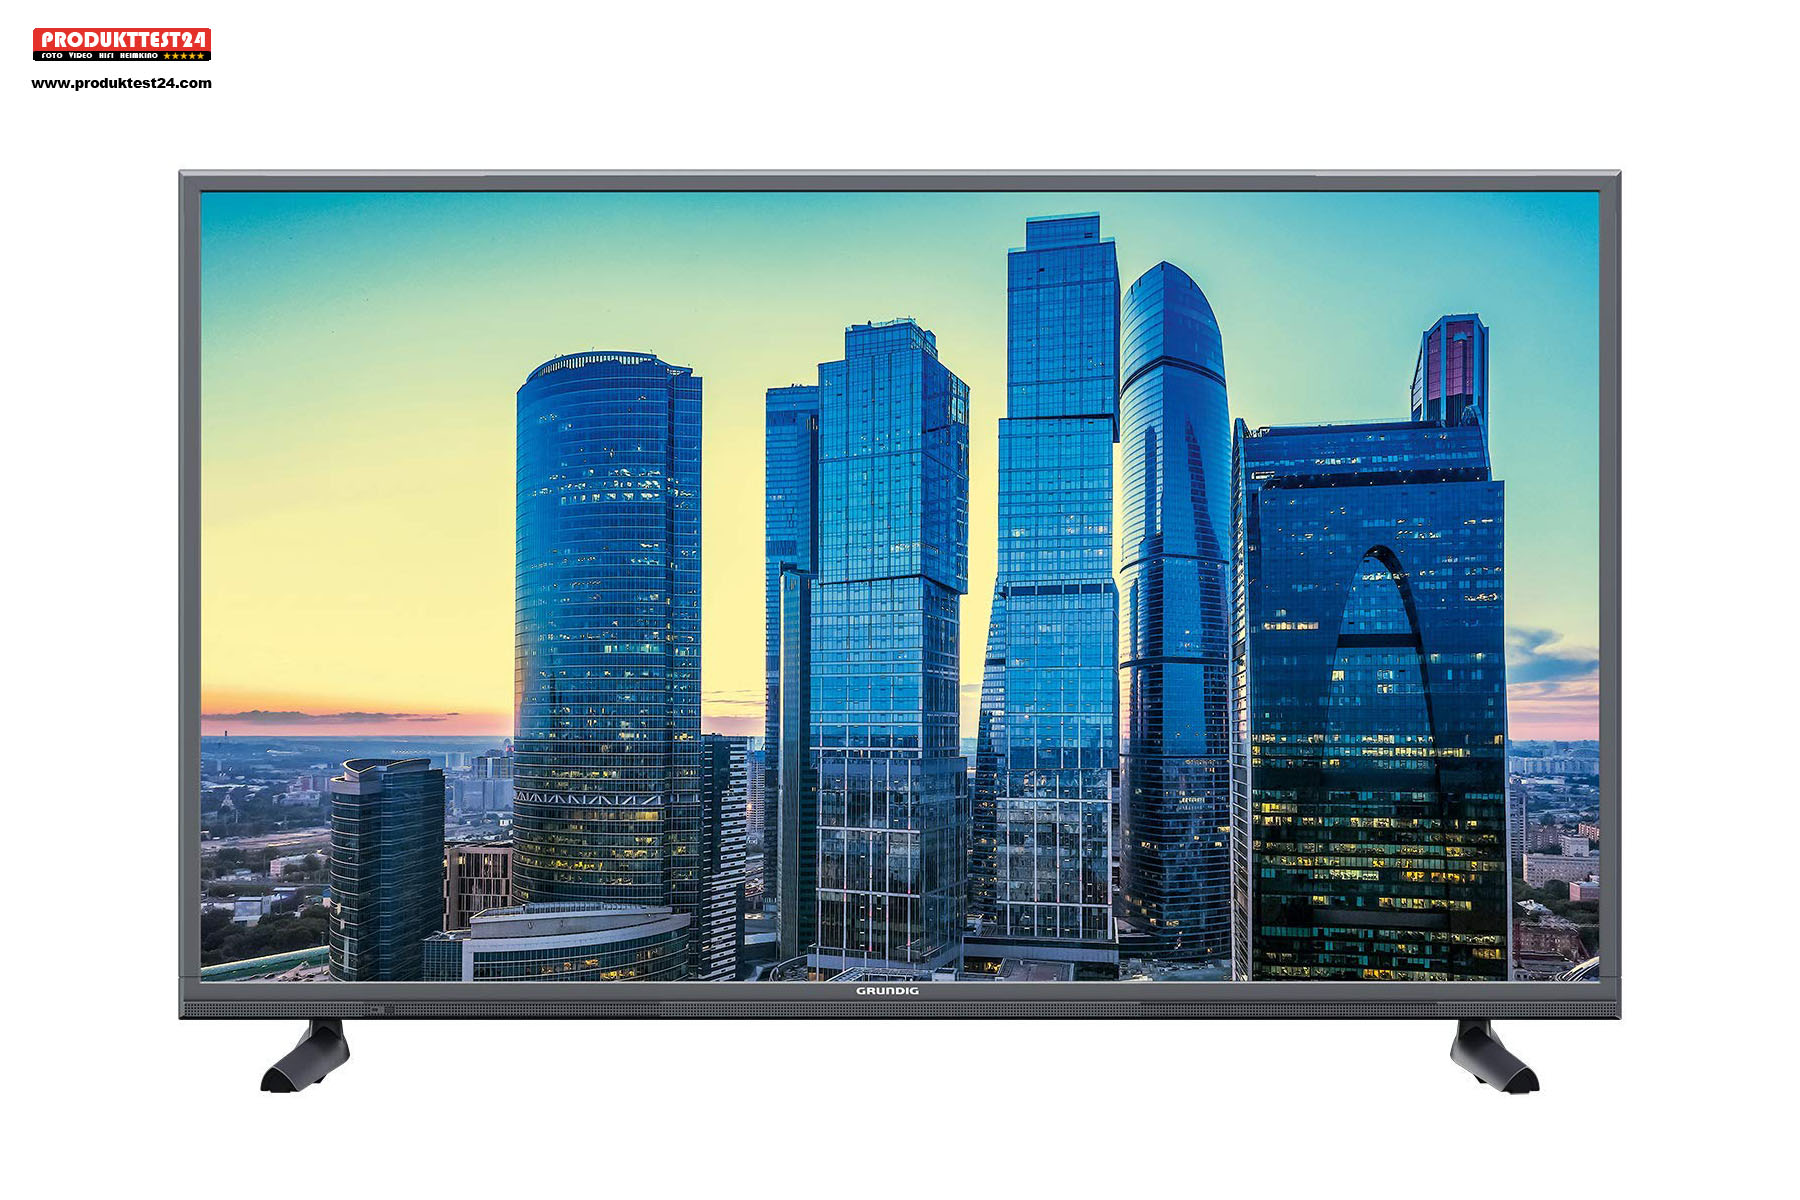 Der preiswerte Grundig 55 Zoll 4K-TV